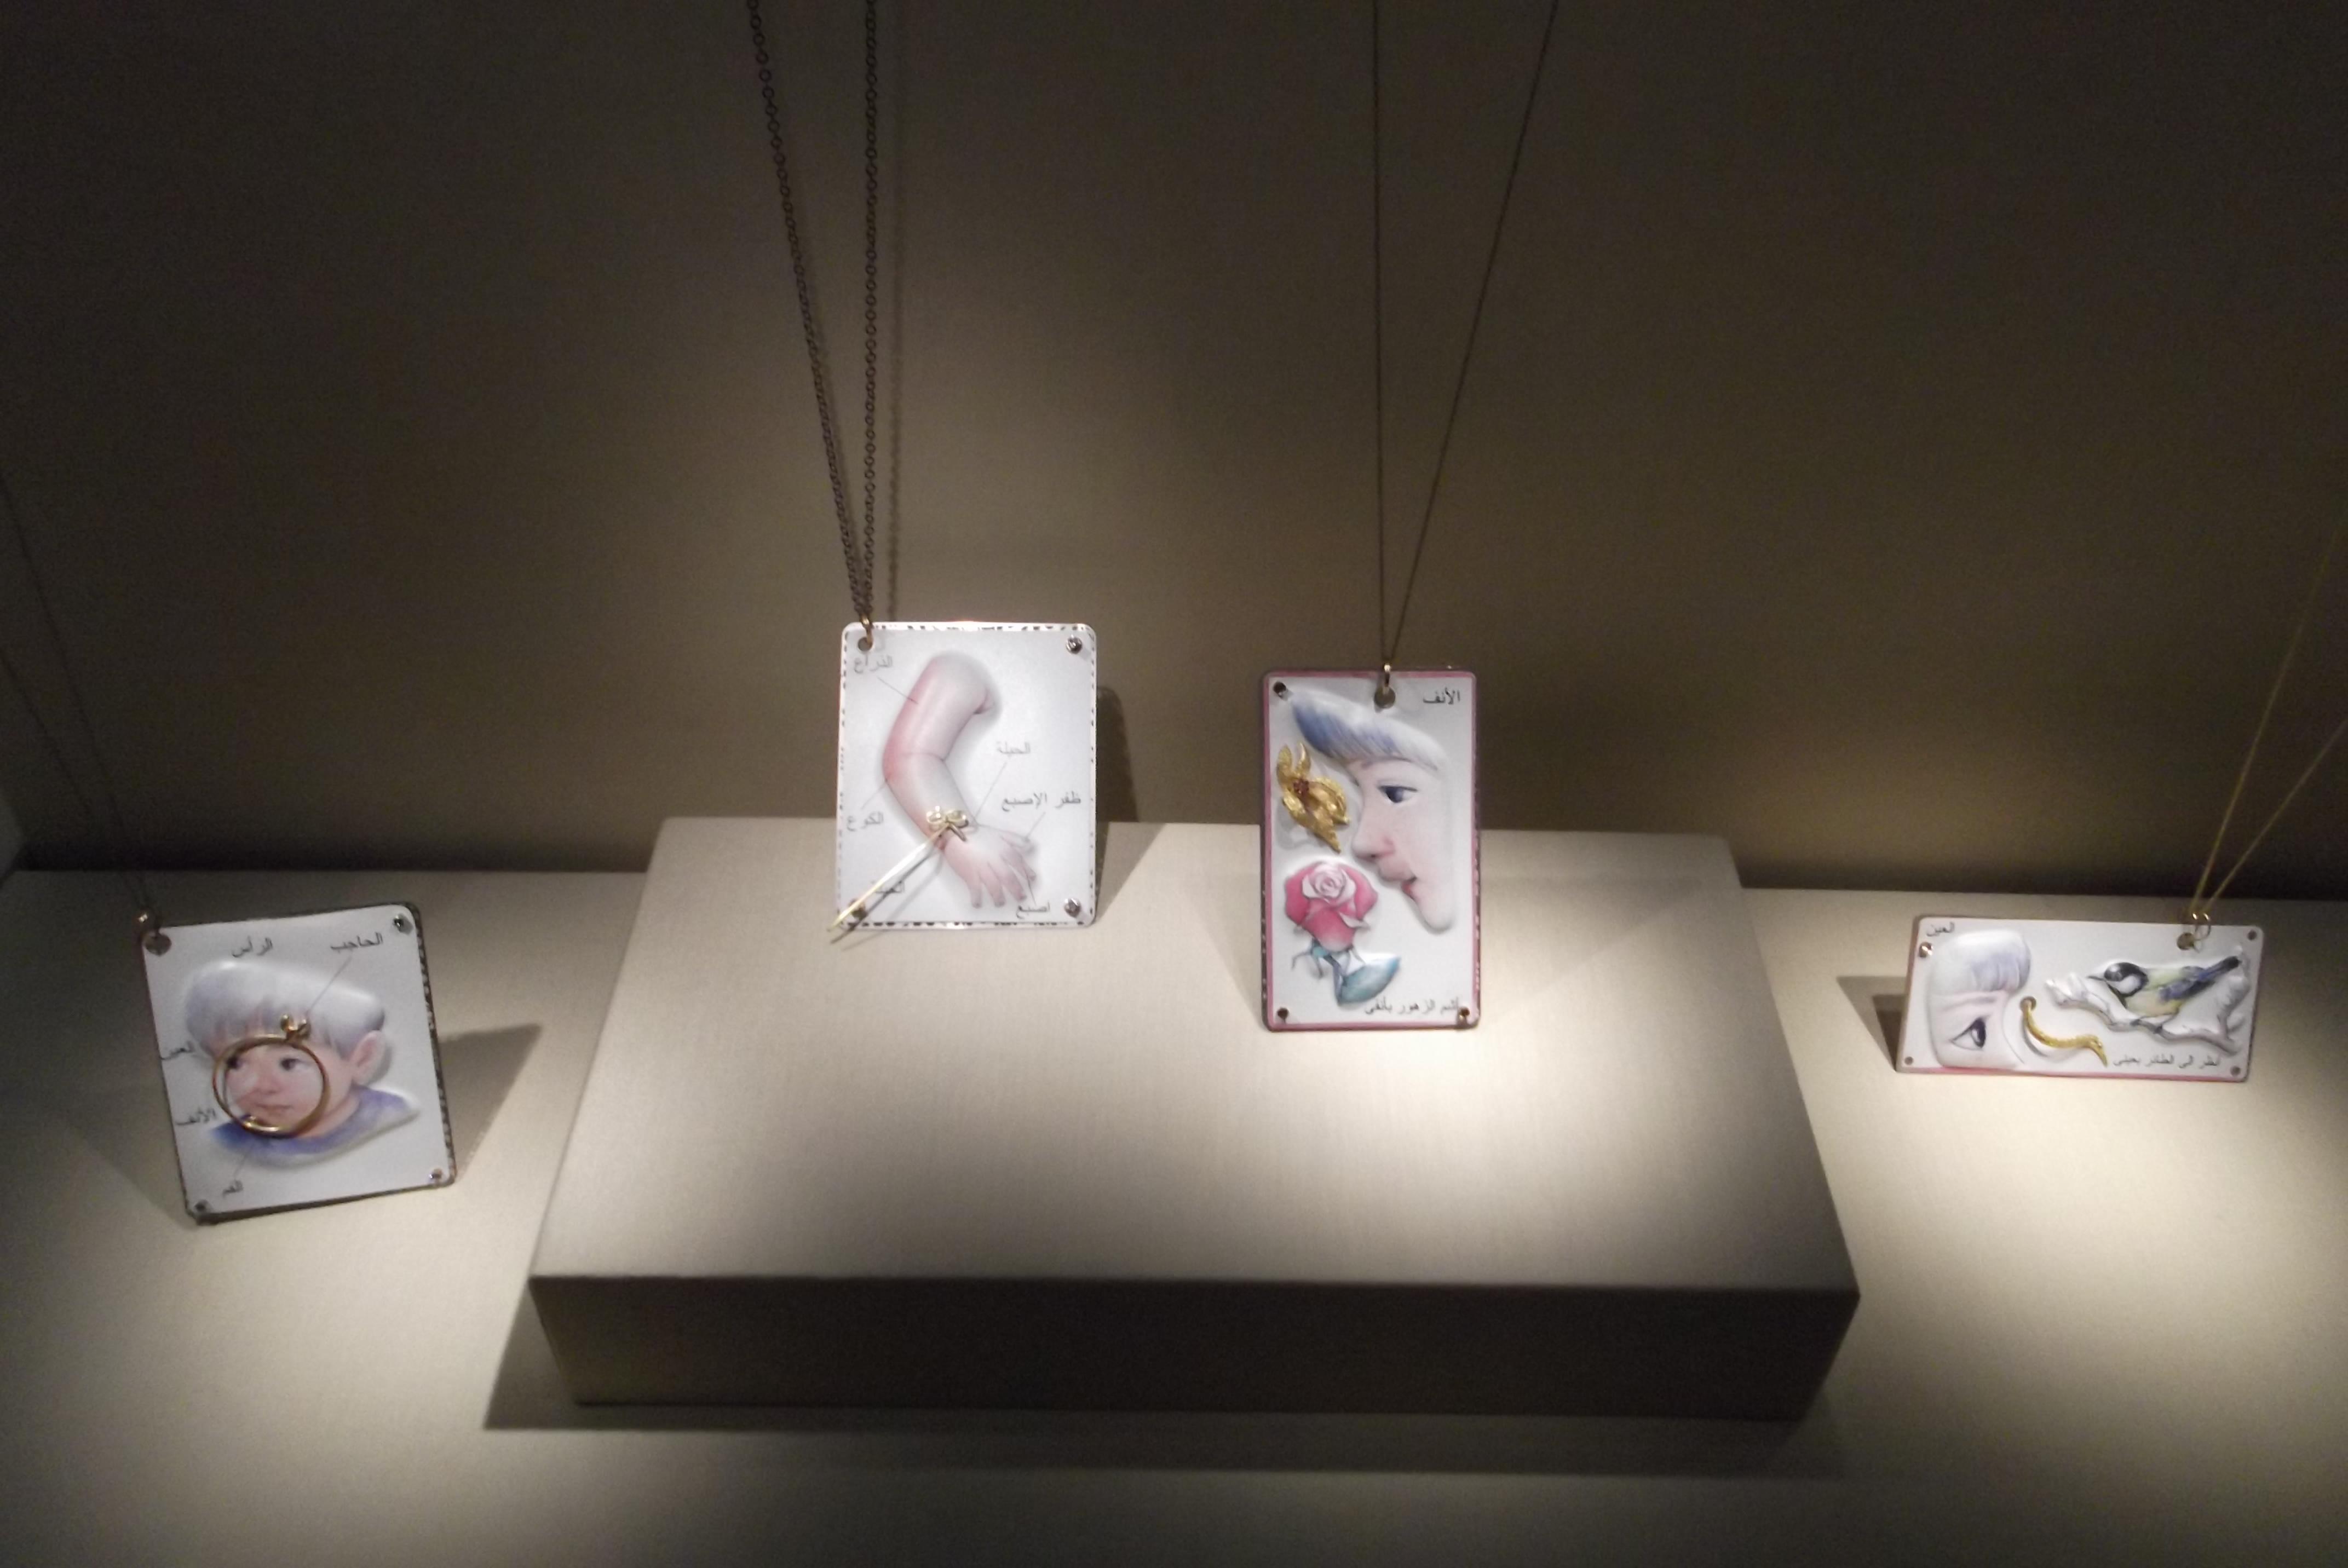 Deganit Stern Schocken, halssieraden, 2009-2010. Transit, Schmuckmuseum Pforzheim, 2012. Foto Jürgen Eickhoff, staal, polystreen, zilver, goud, zirkonia